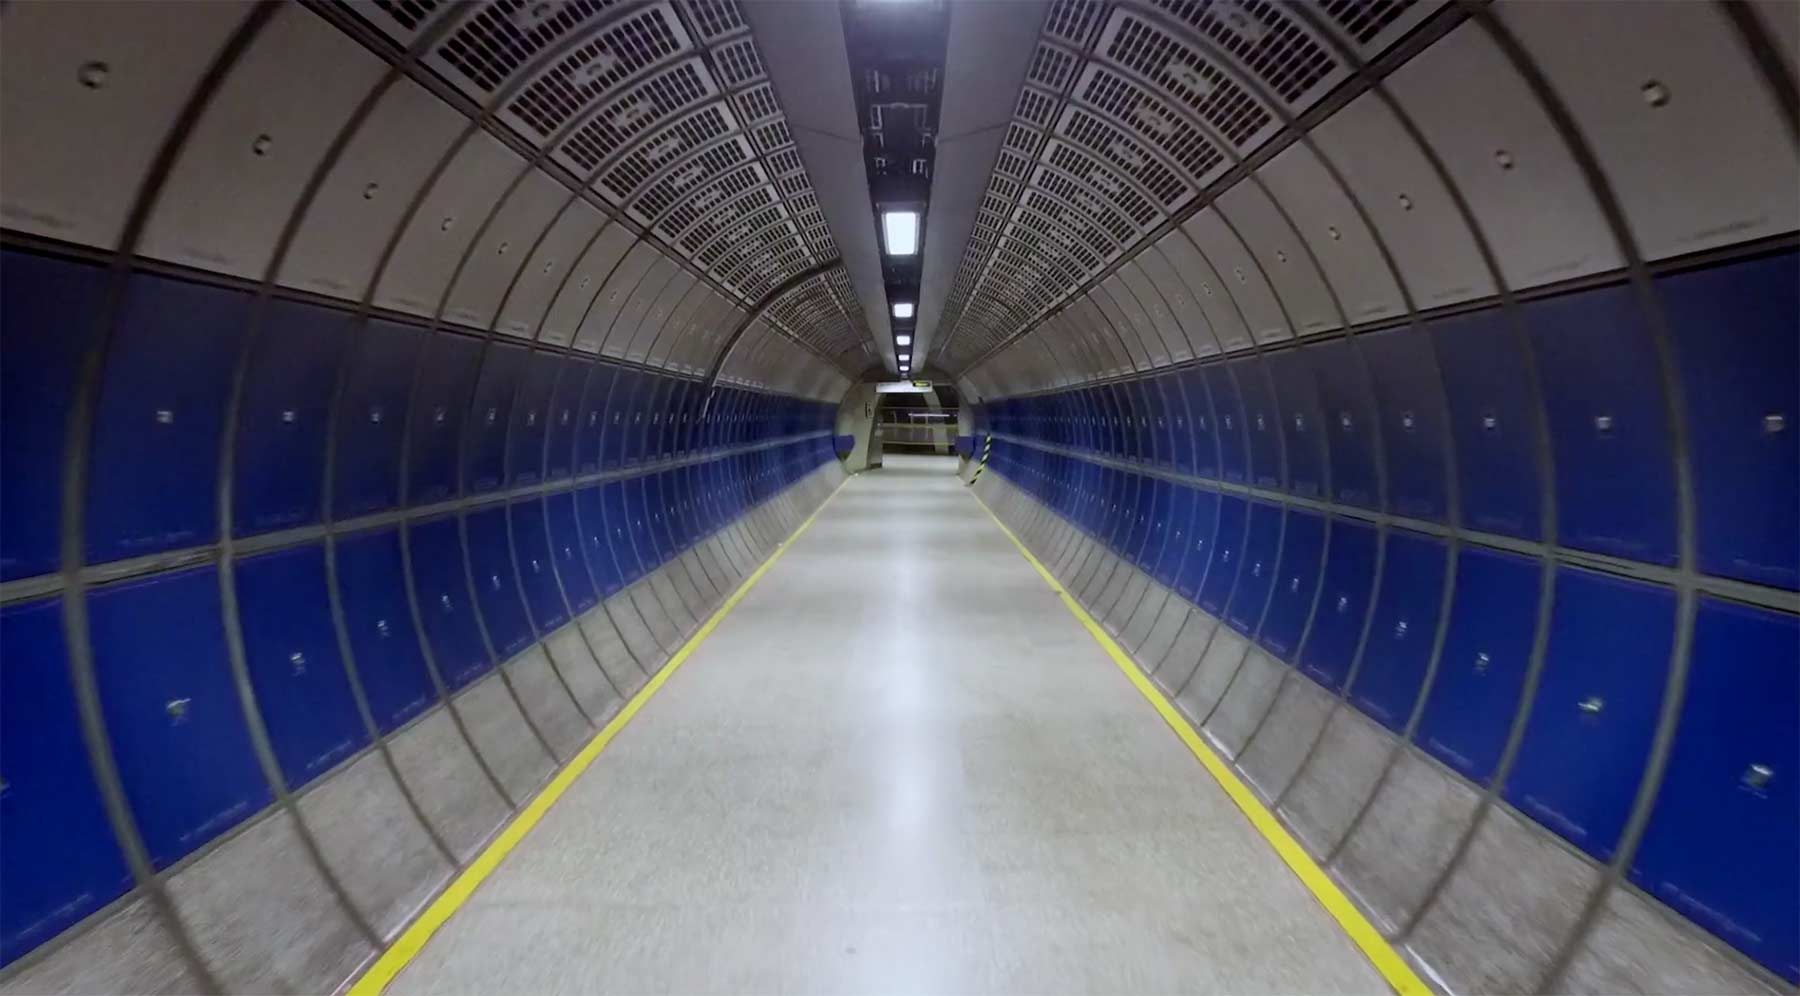 Tunnelblick deeper-underground